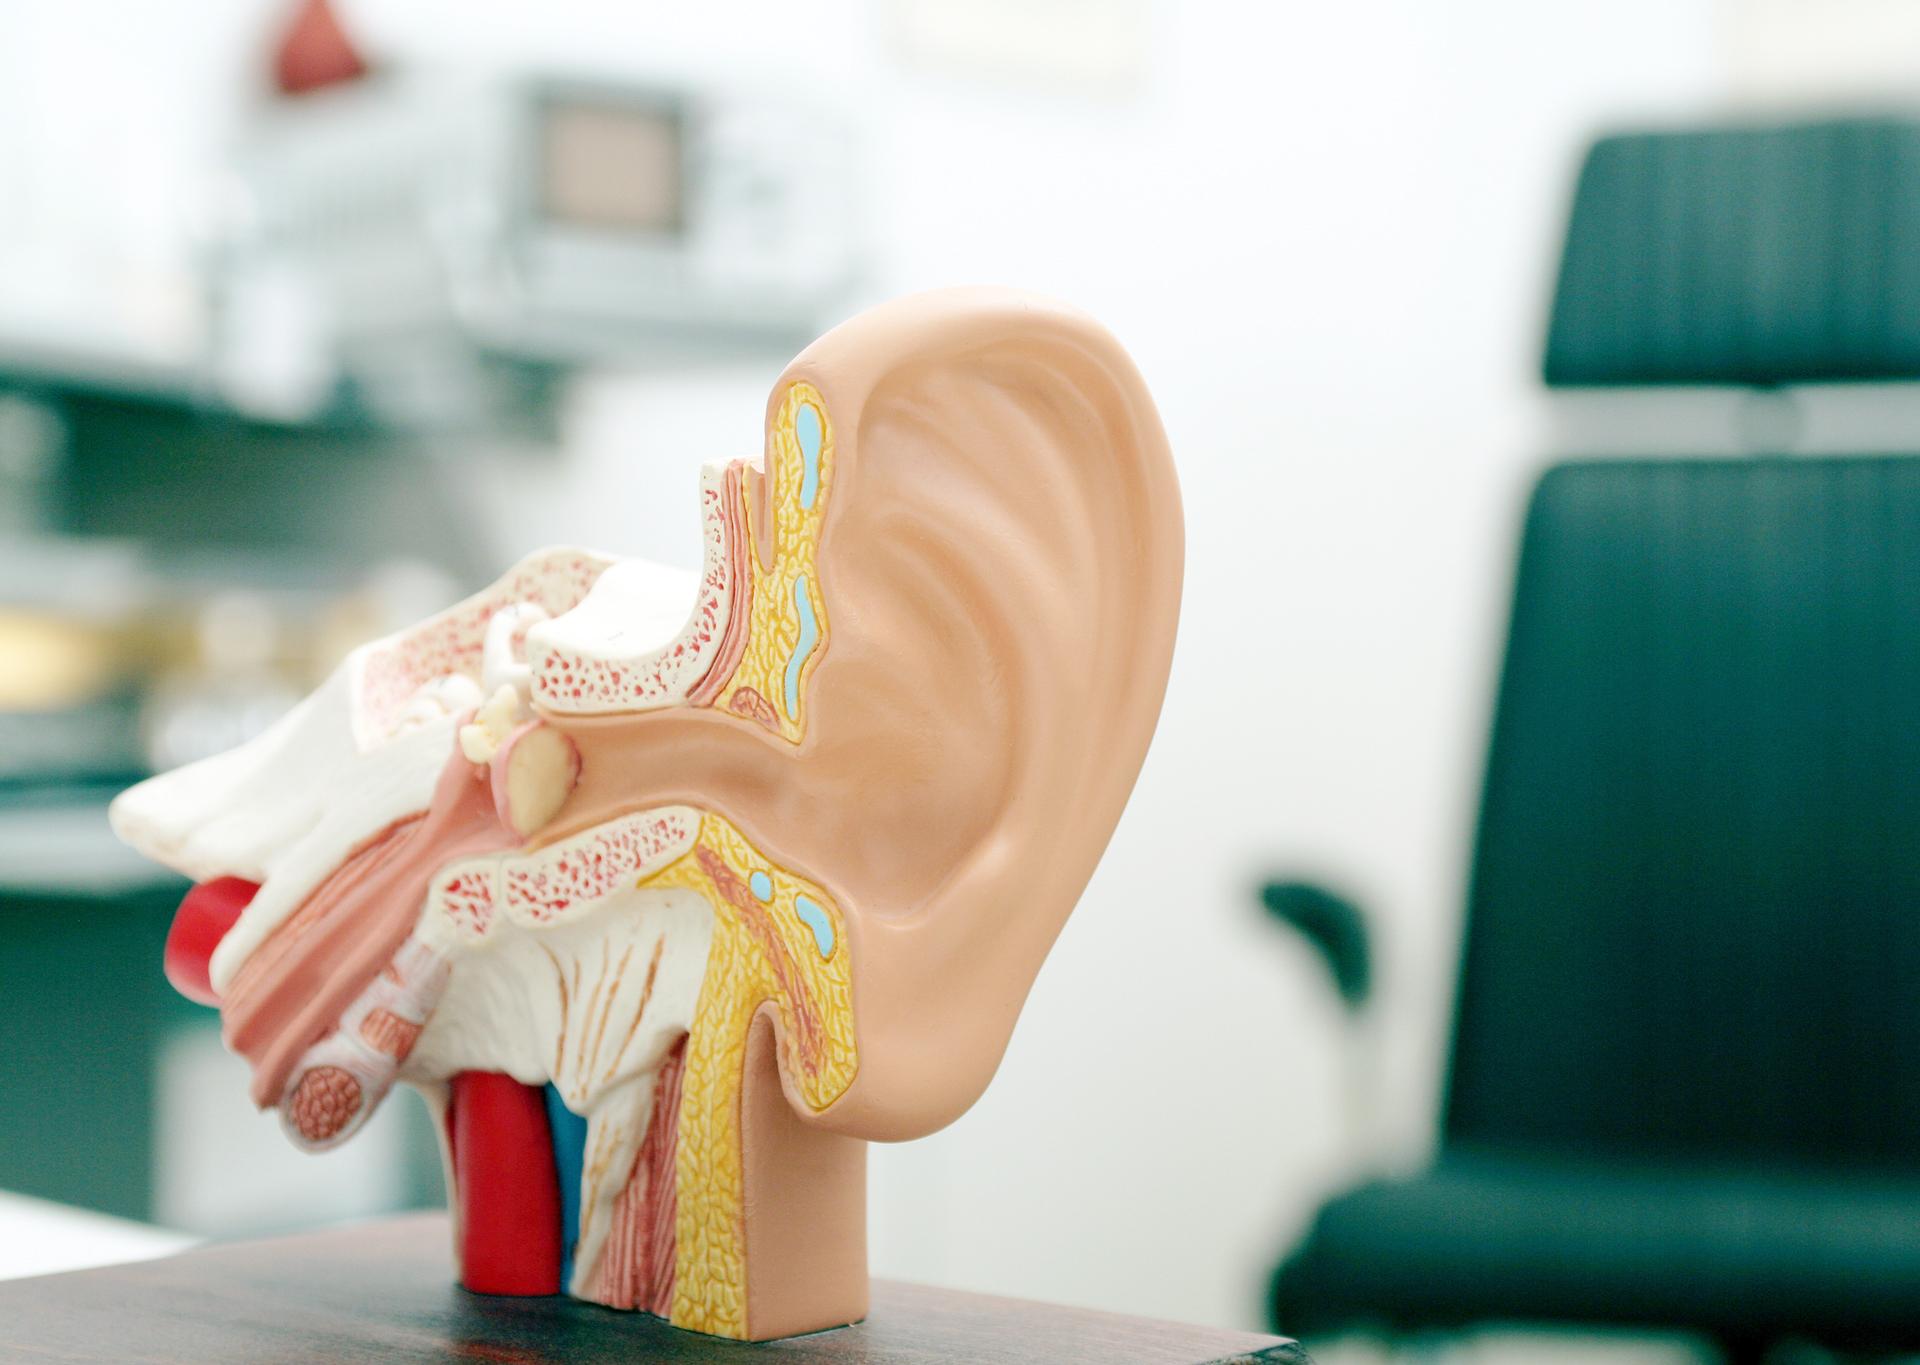 Modell von einem Ohr